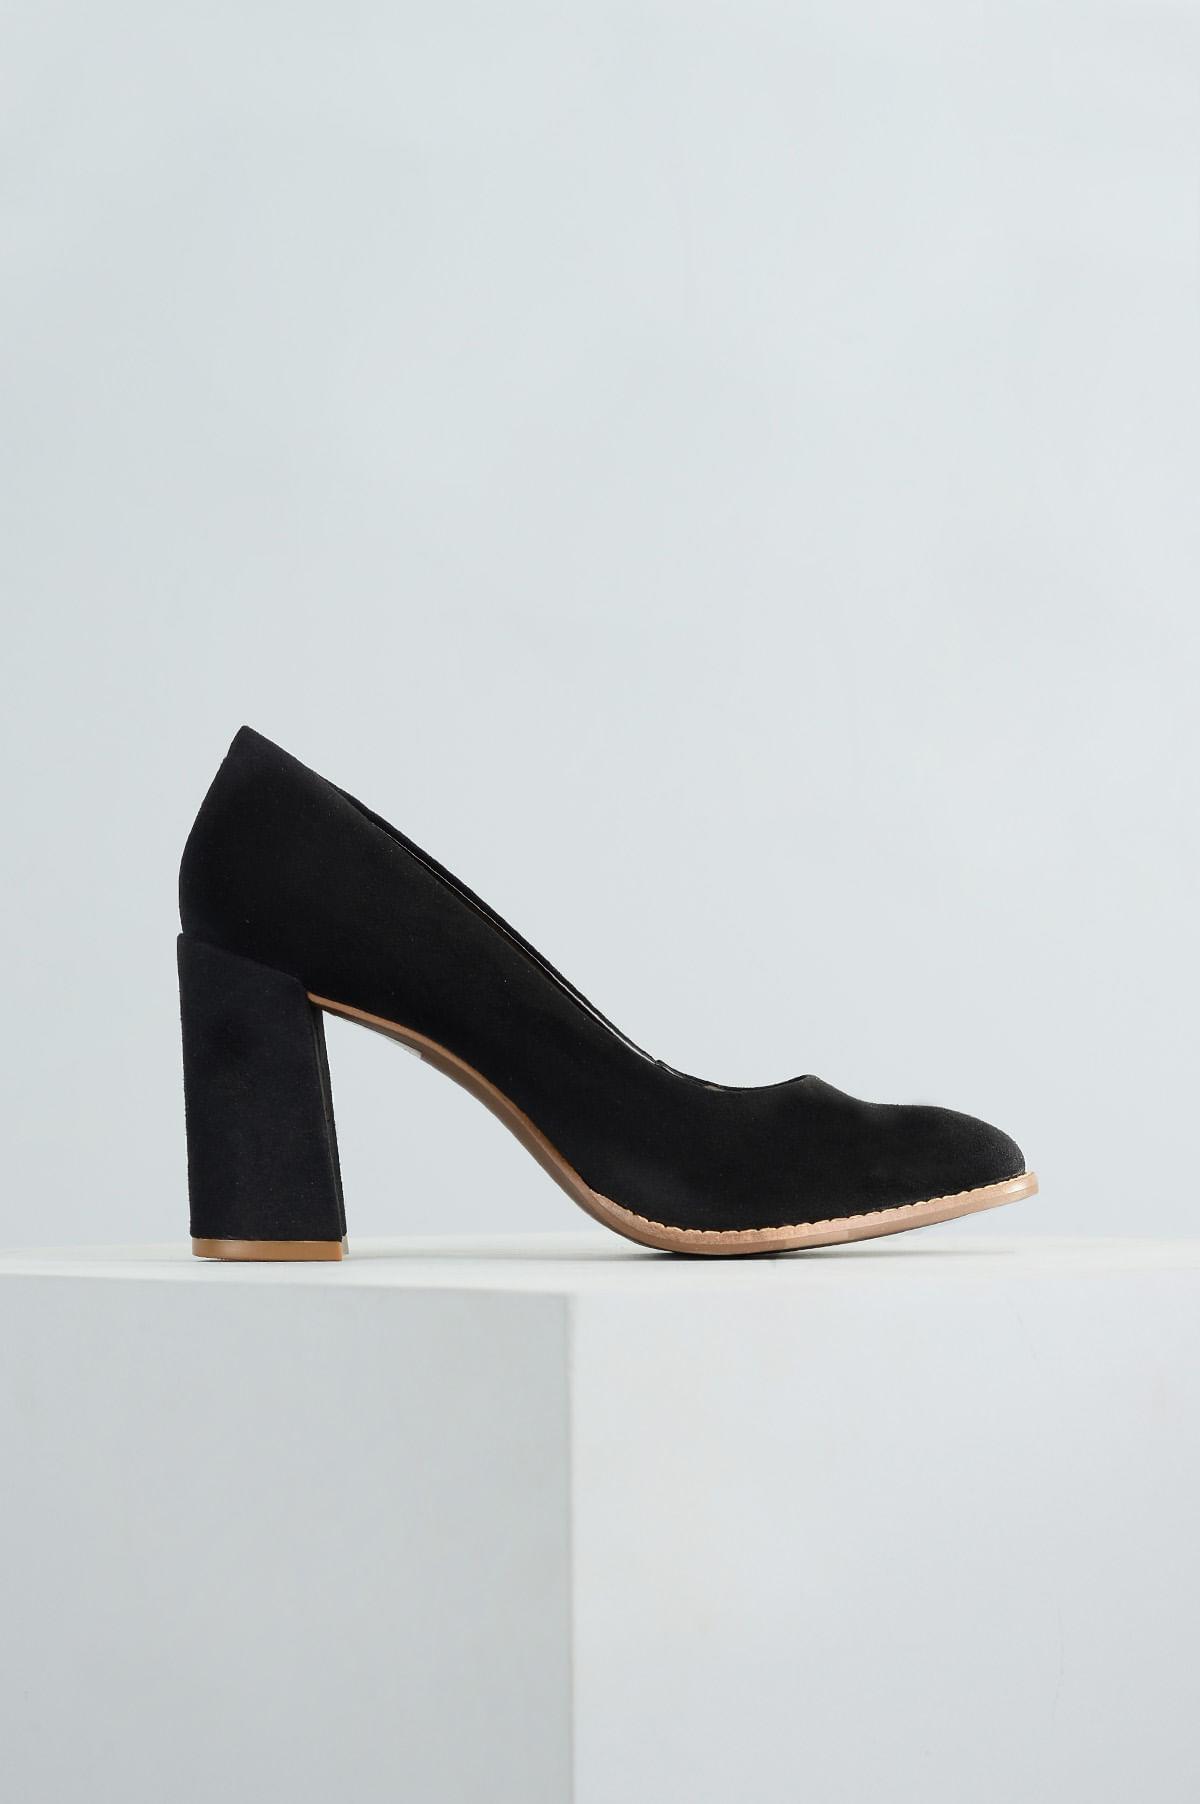 134e3a1998 Sapato Feminino Salto Alto Blaise Mundial CAM - PRETO - Mundial Calçados